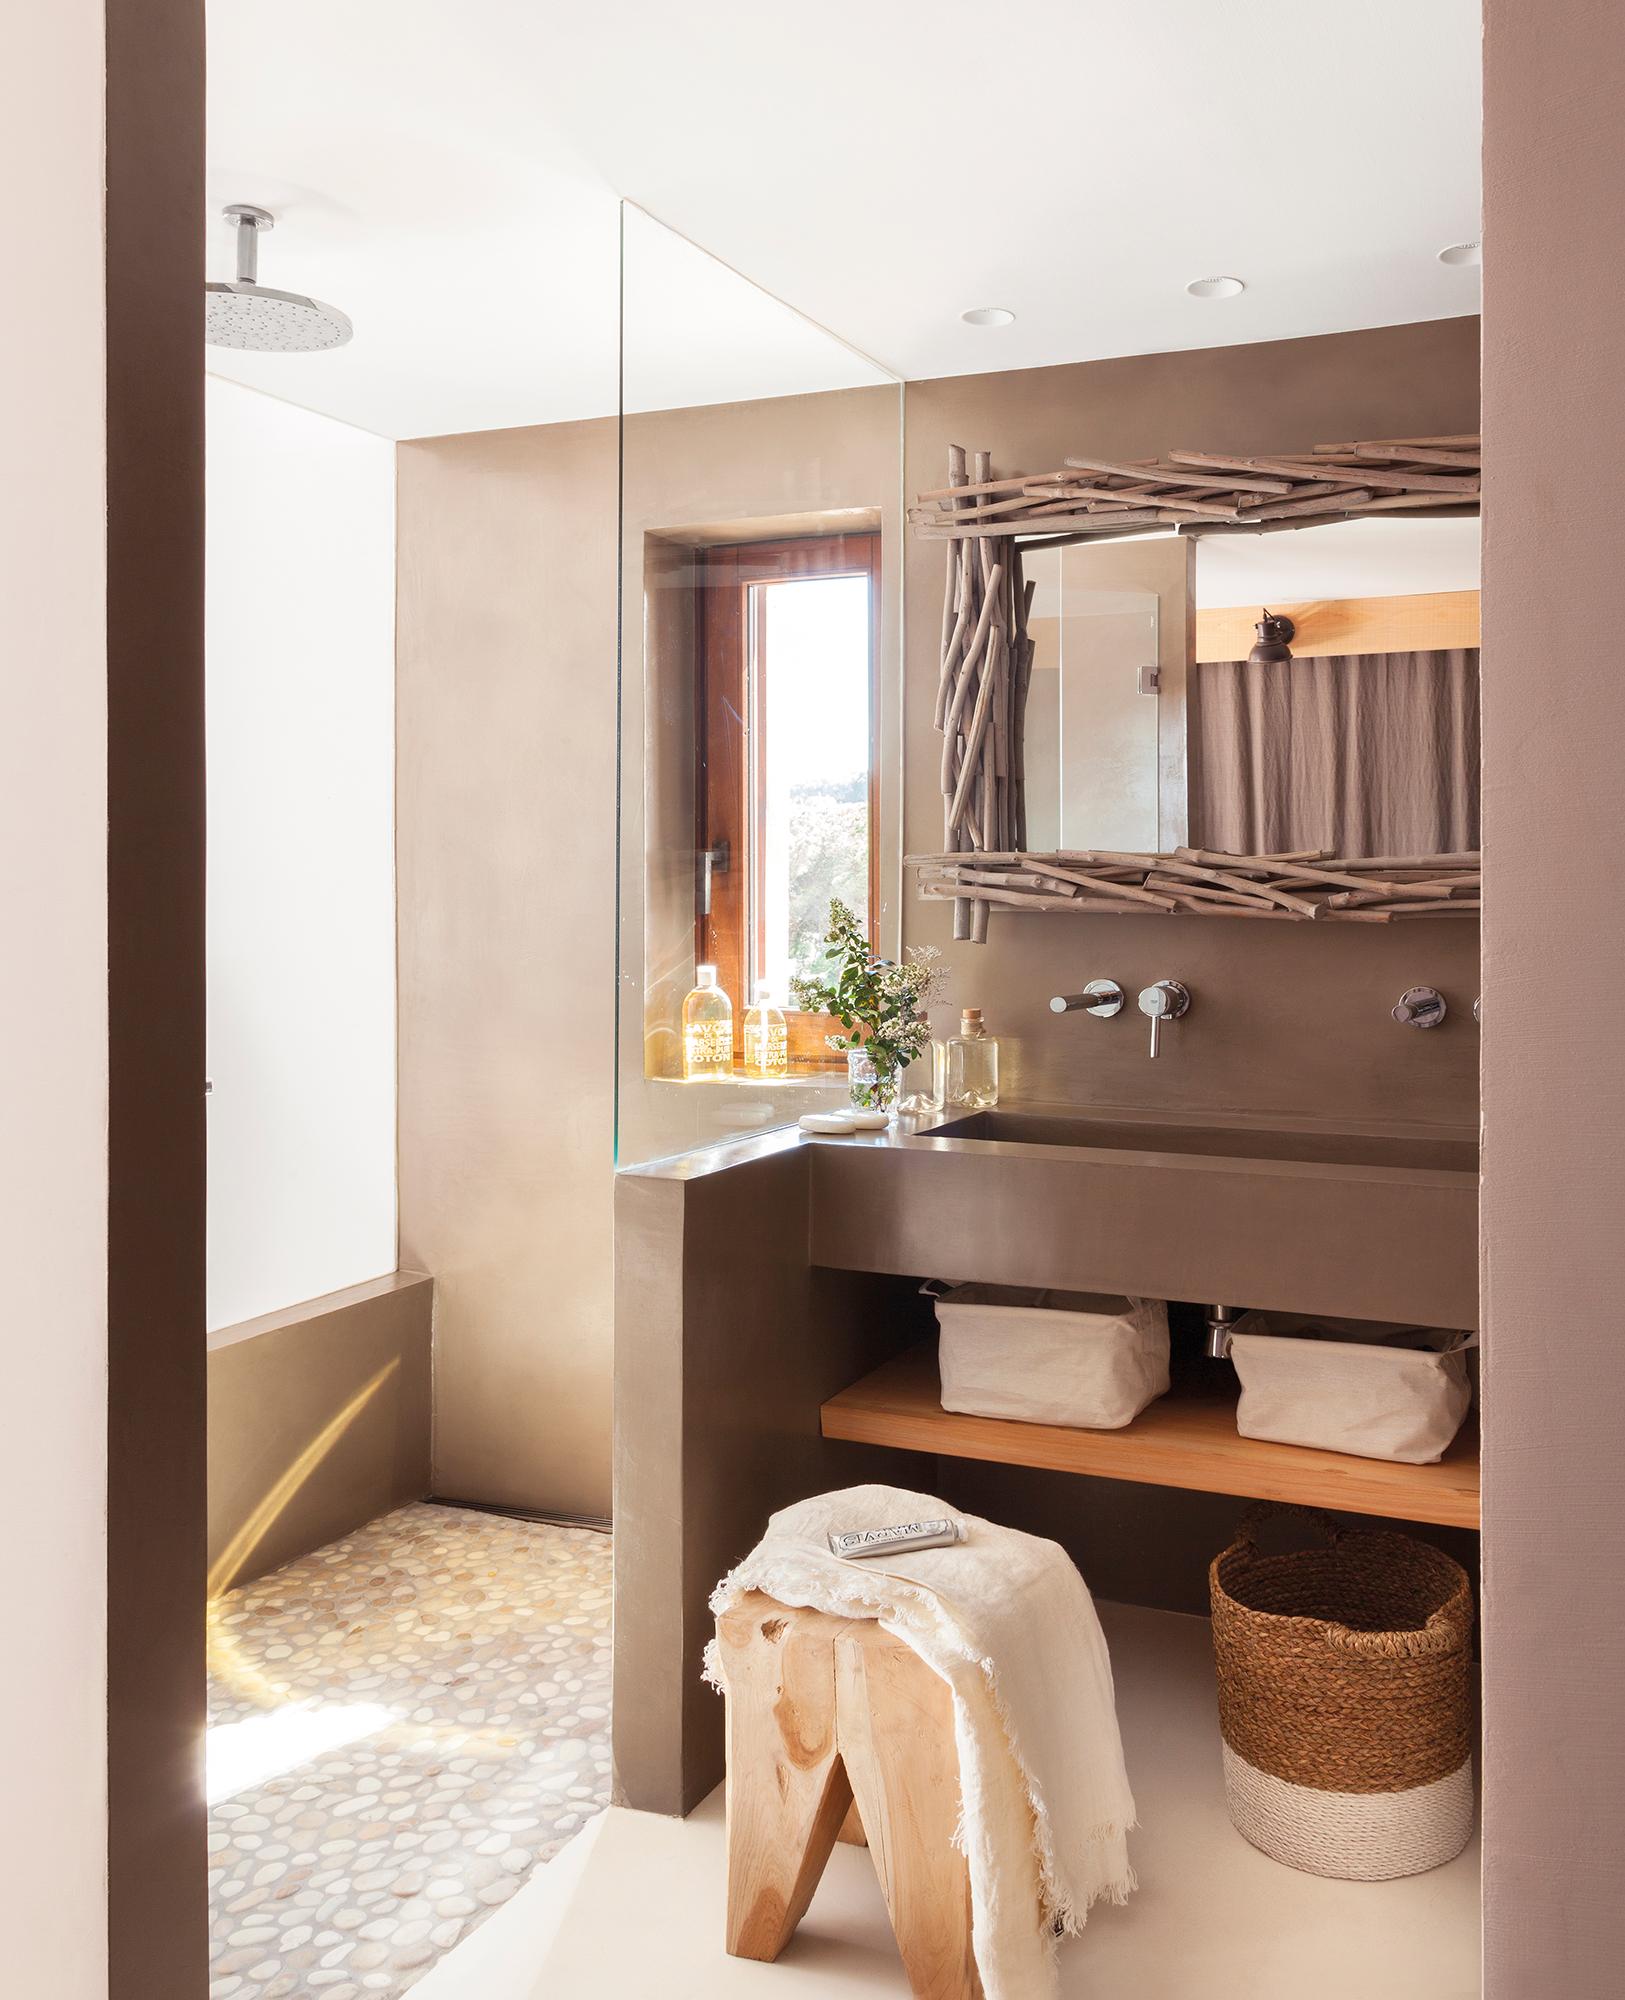 Muebles bao Decoracin accesorios mamparas y azulejos